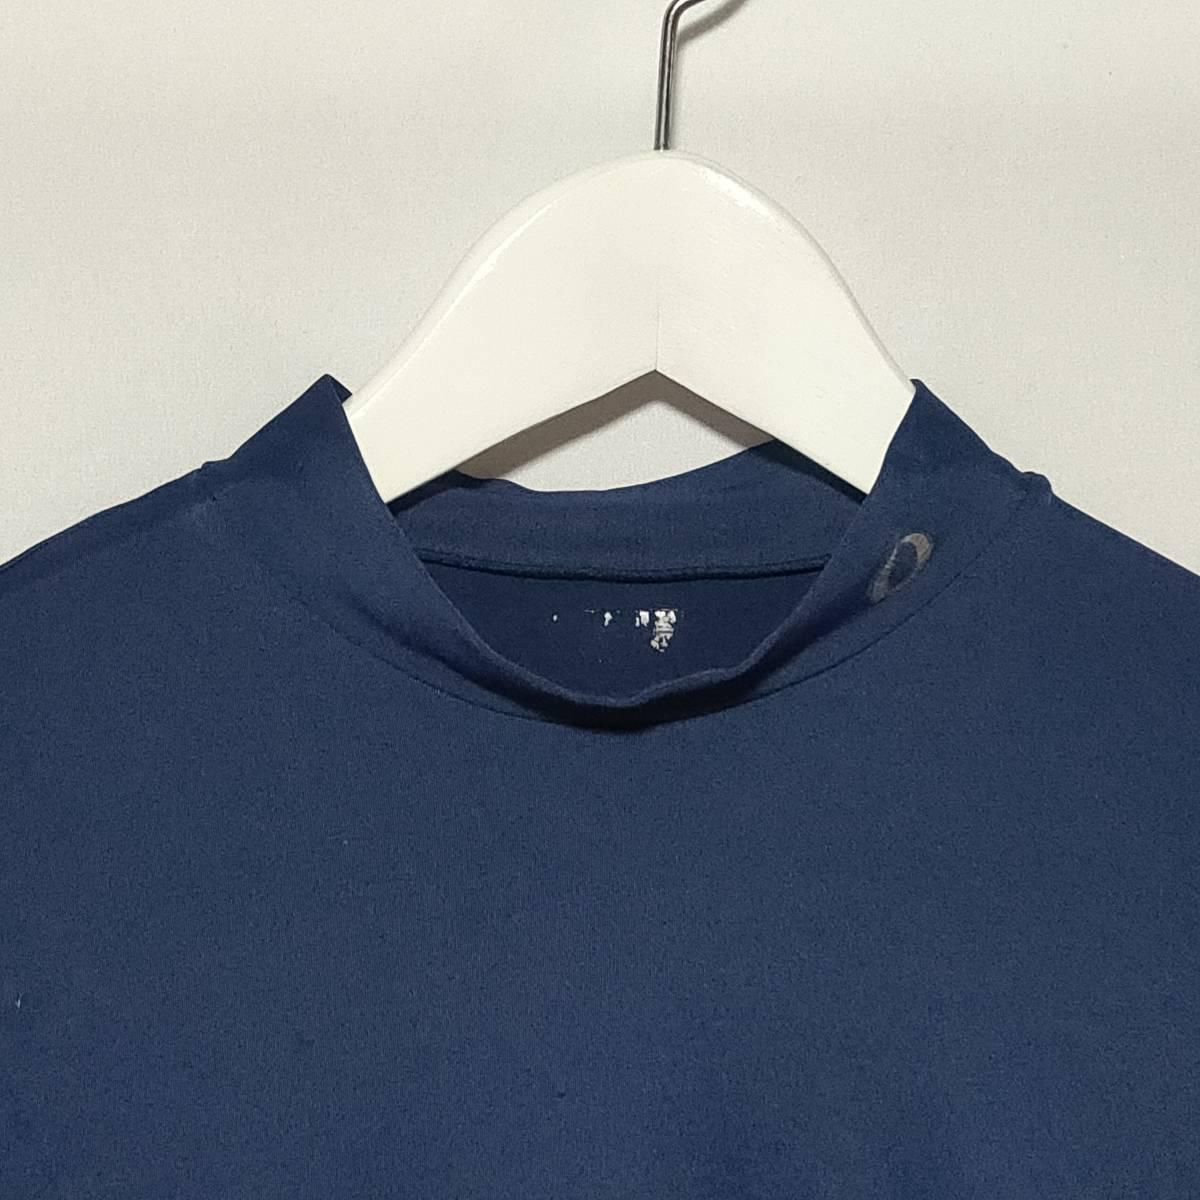 イグニオ IGNIO インナー アンダーシャツ スポーツウェア ハイネック 半袖 L 紺 ネイビー メンズ /P